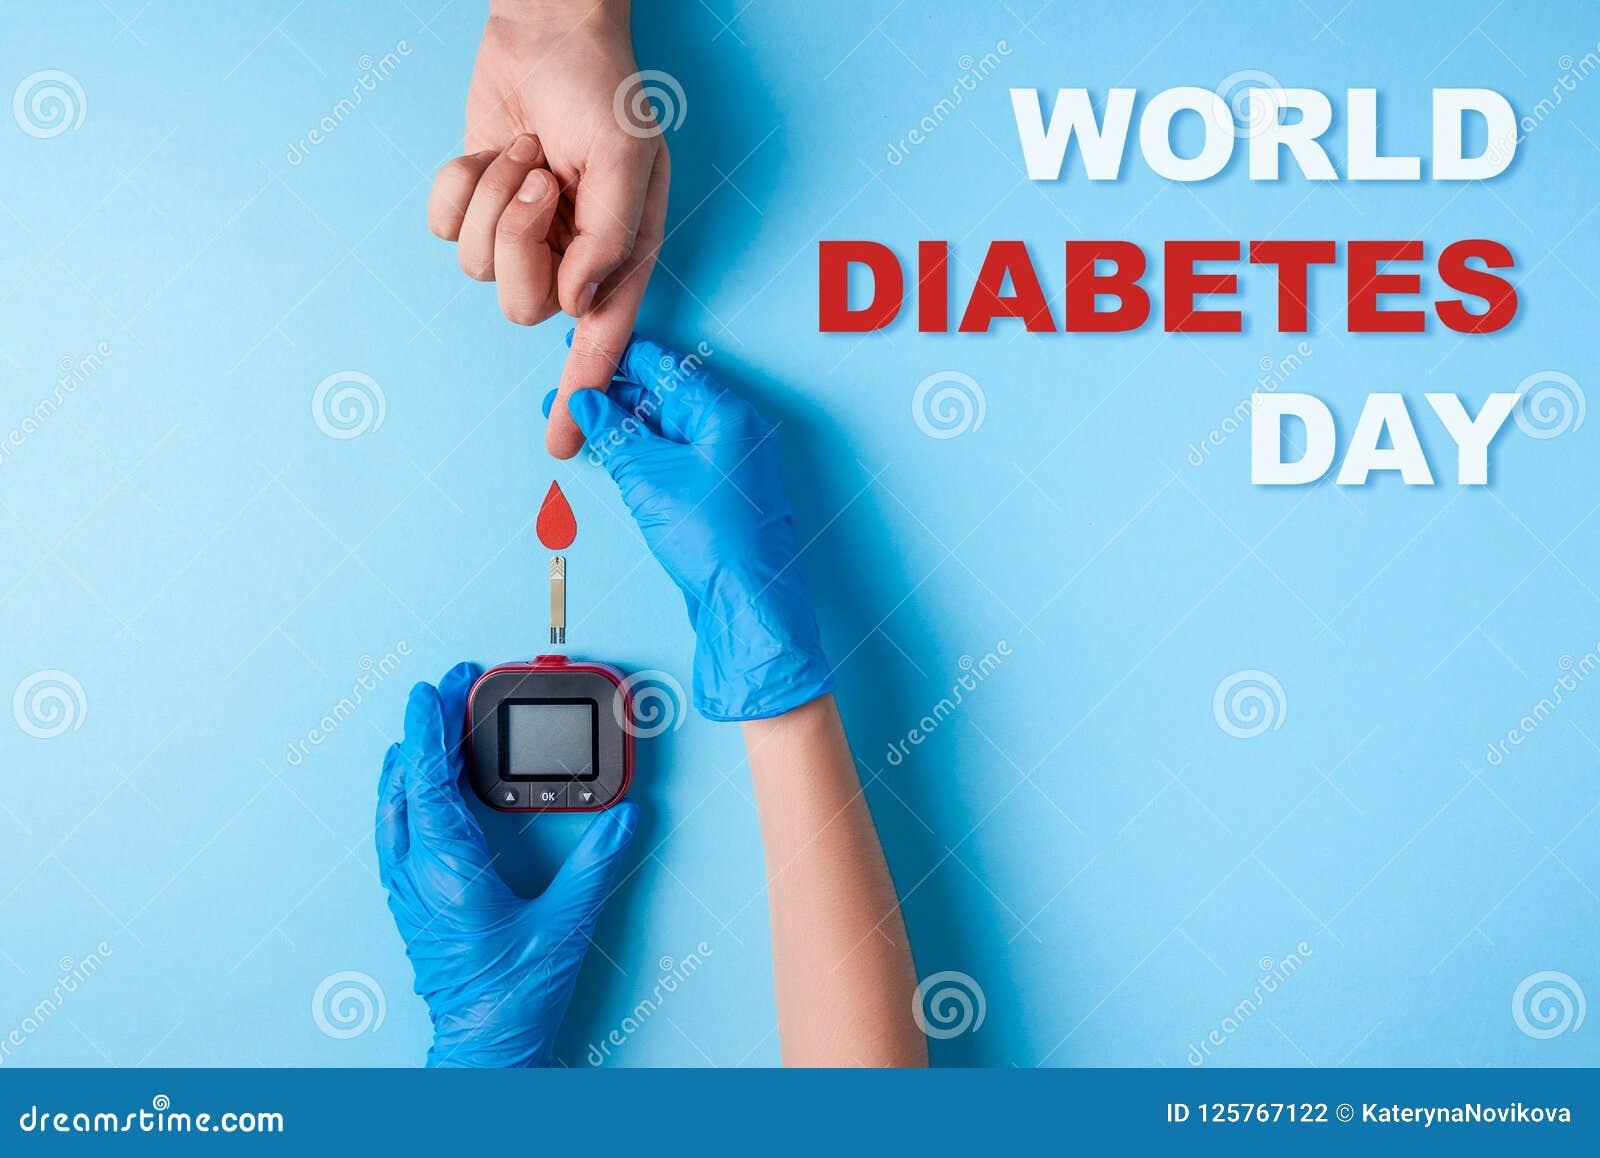 Wpisowe światowe cukrzyce dzień, pielęgniarka robi badanie krwi mężczyzna ` s ręce z czerwoną krwi kroplą i glikoza metrem